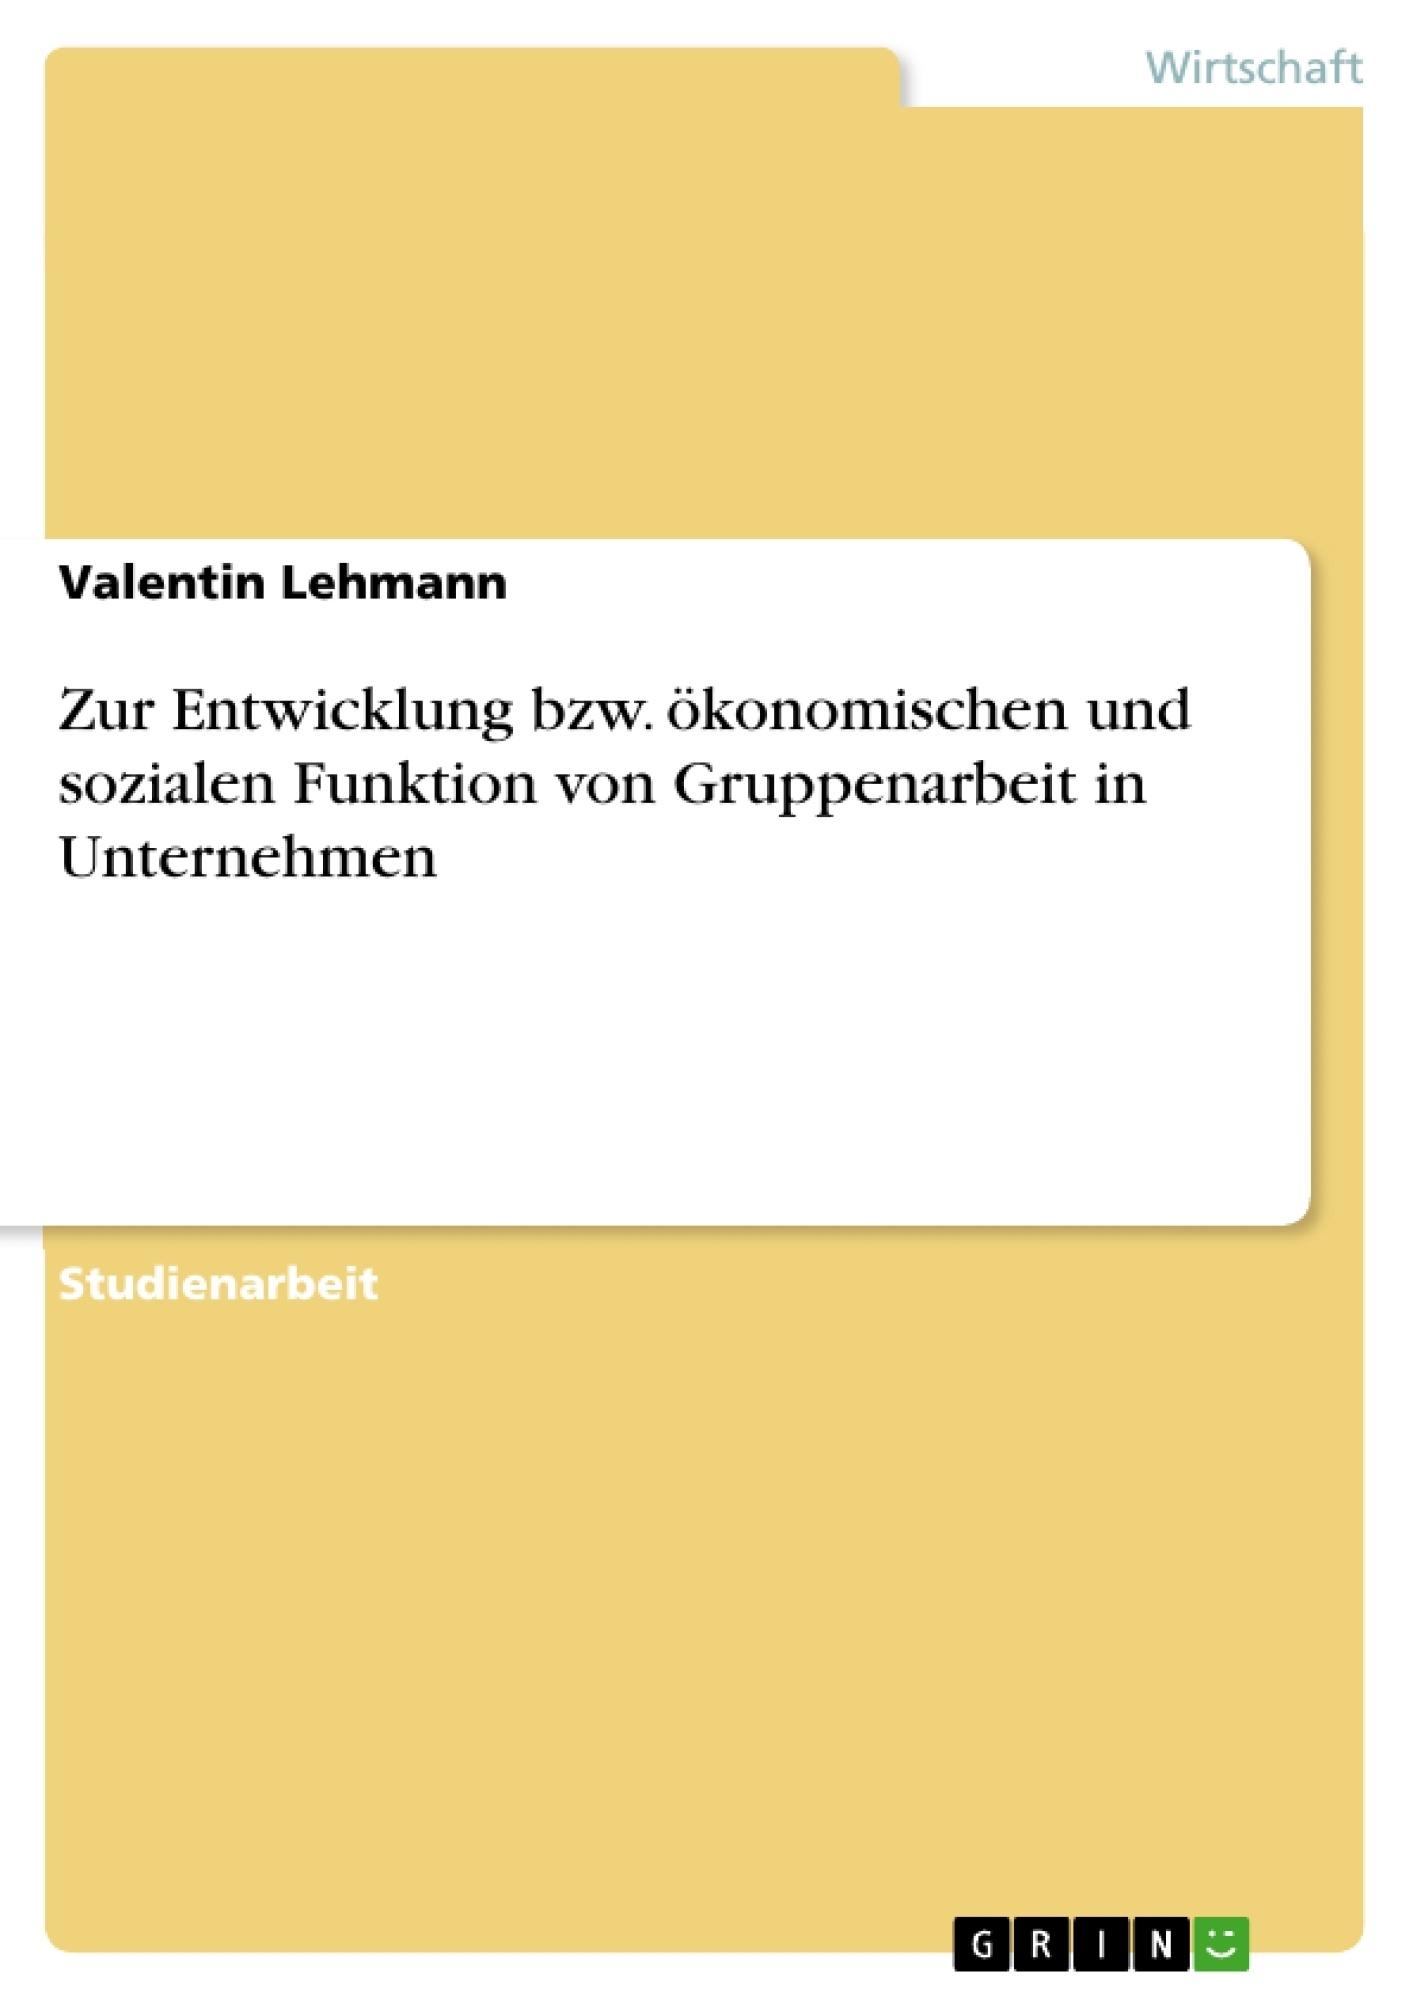 Titel: Zur Entwicklung bzw. ökonomischen und sozialen Funktion von Gruppenarbeit in Unternehmen